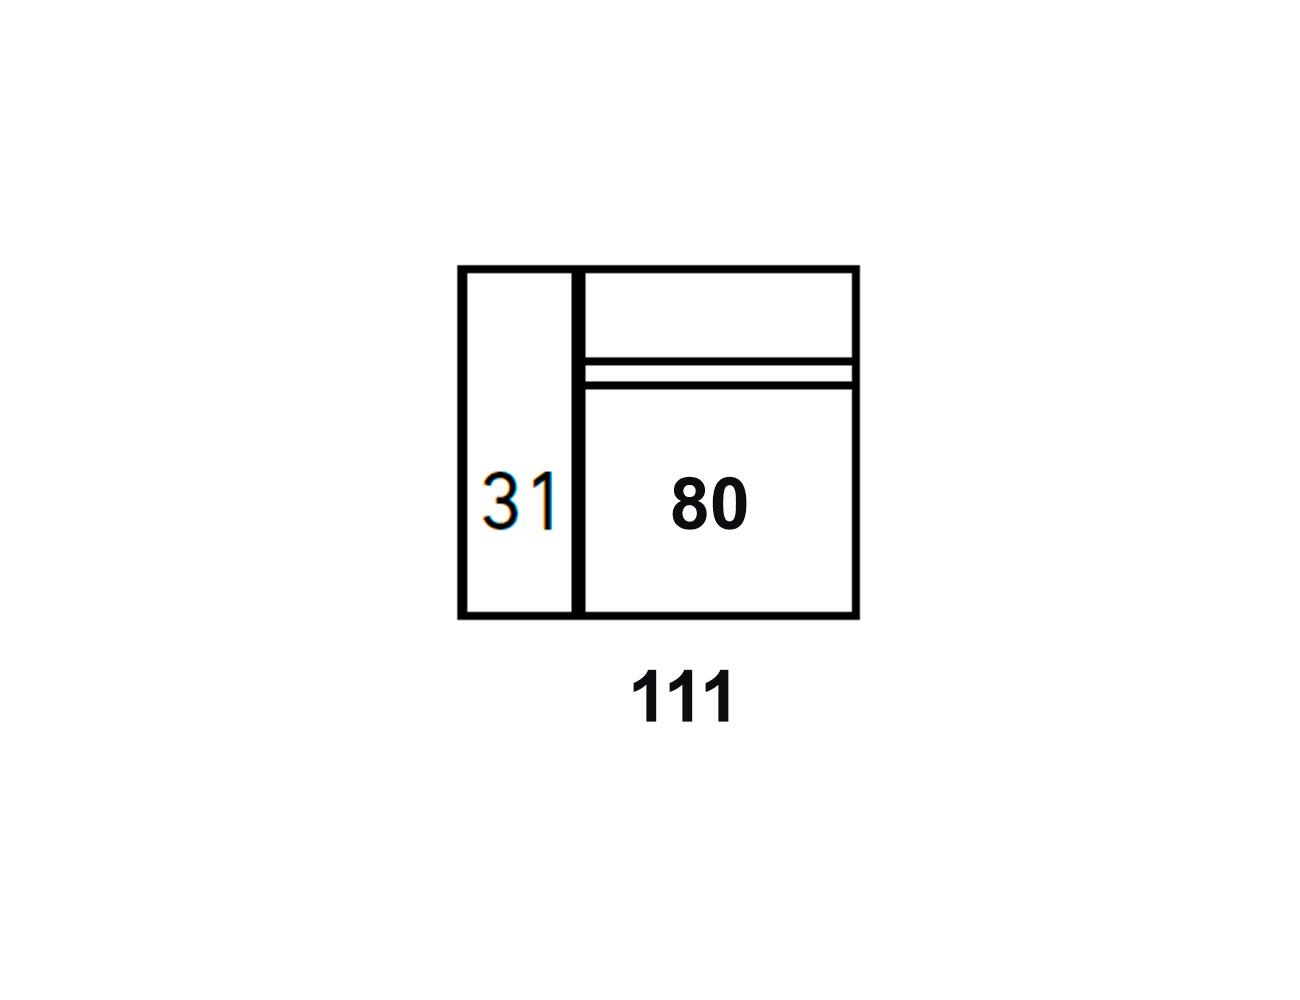 Modulo 1p 111